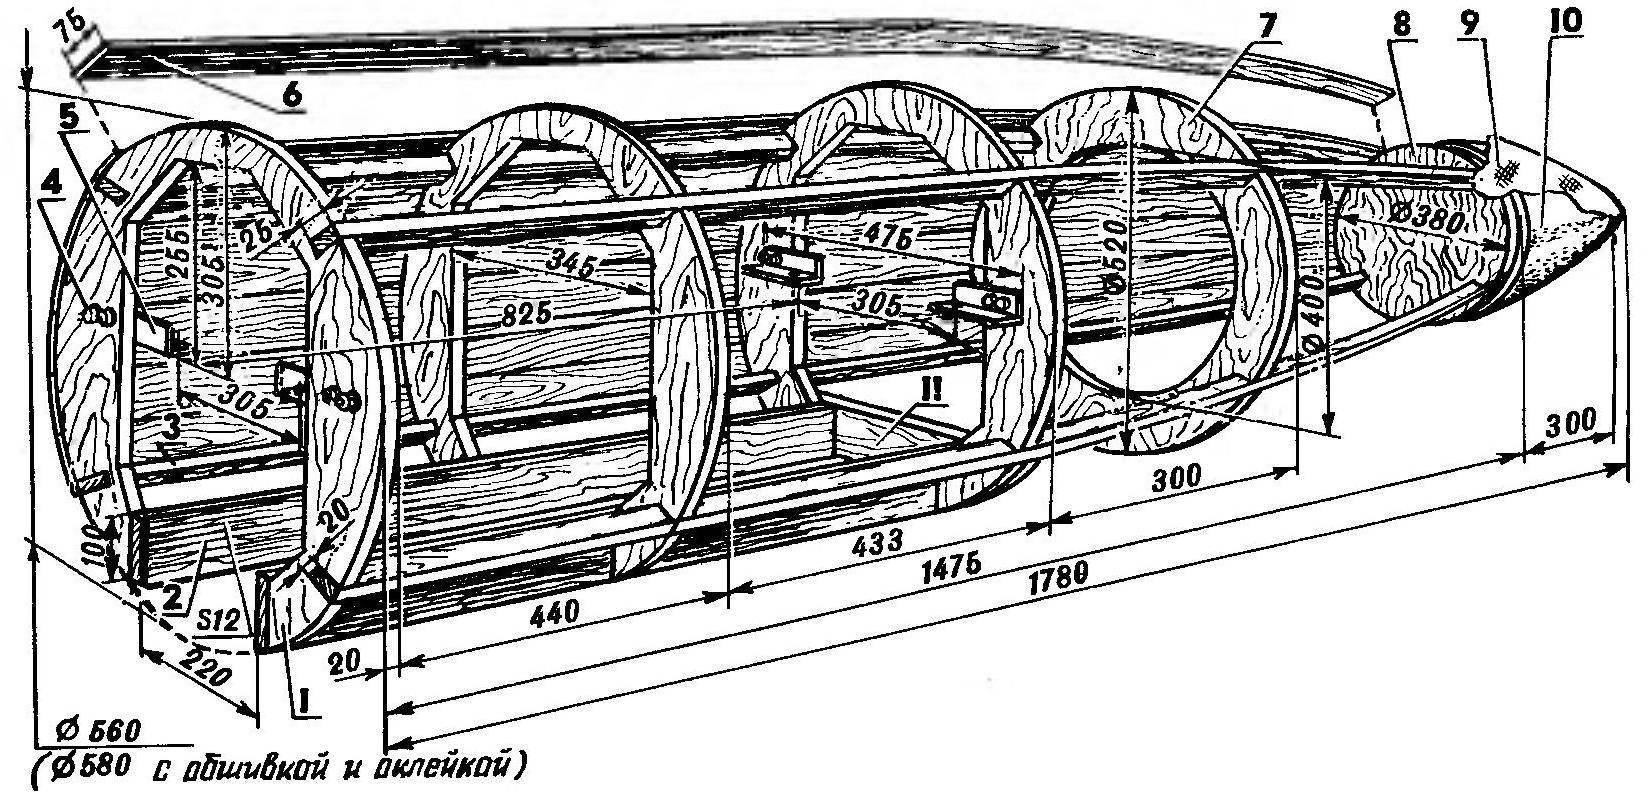 Fig. 9. Capsule fairing